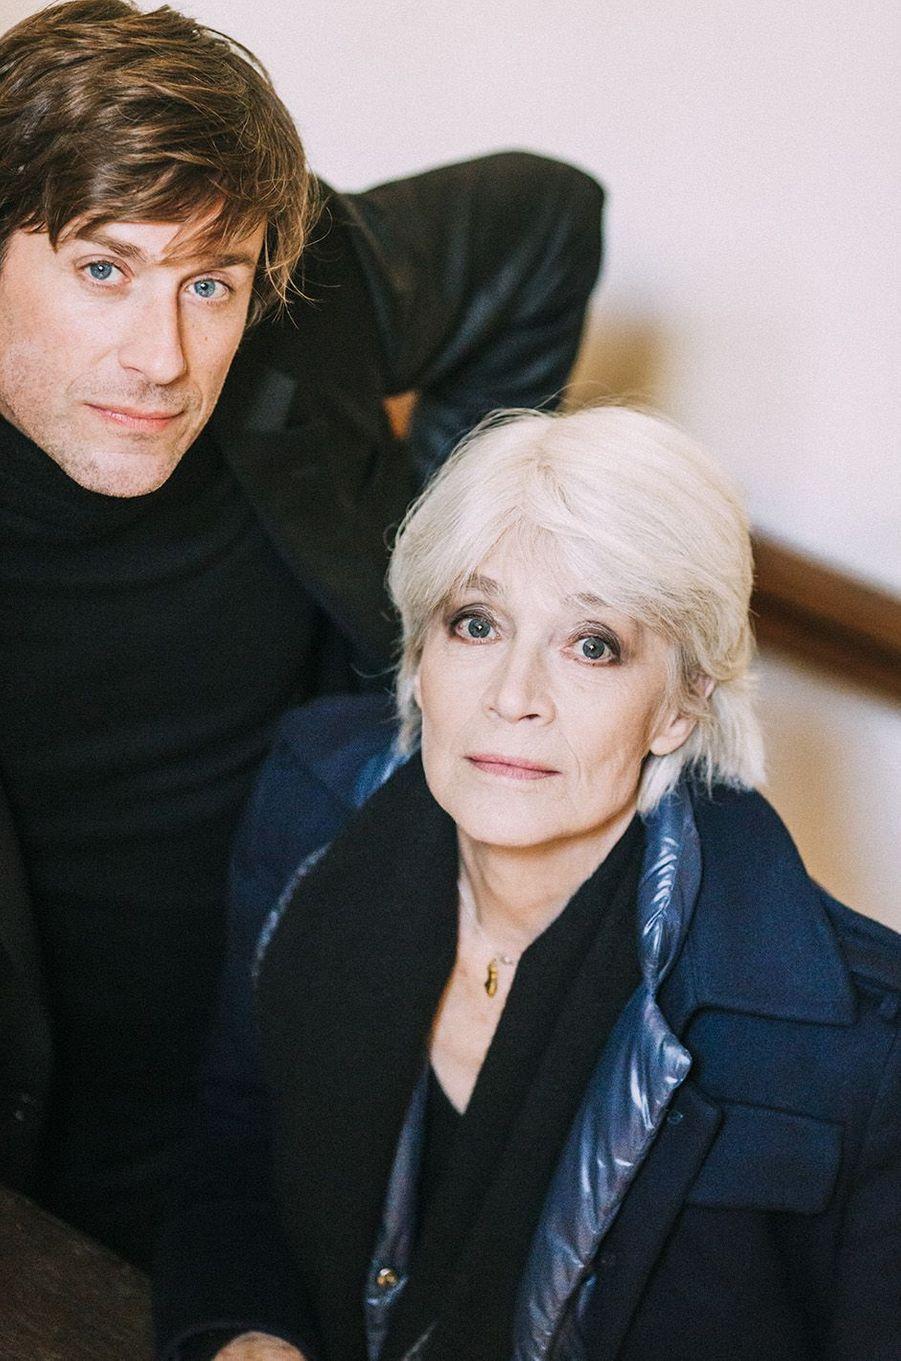 Françoise Hardy et son fils Thomas Dutronc, novembre 2016.